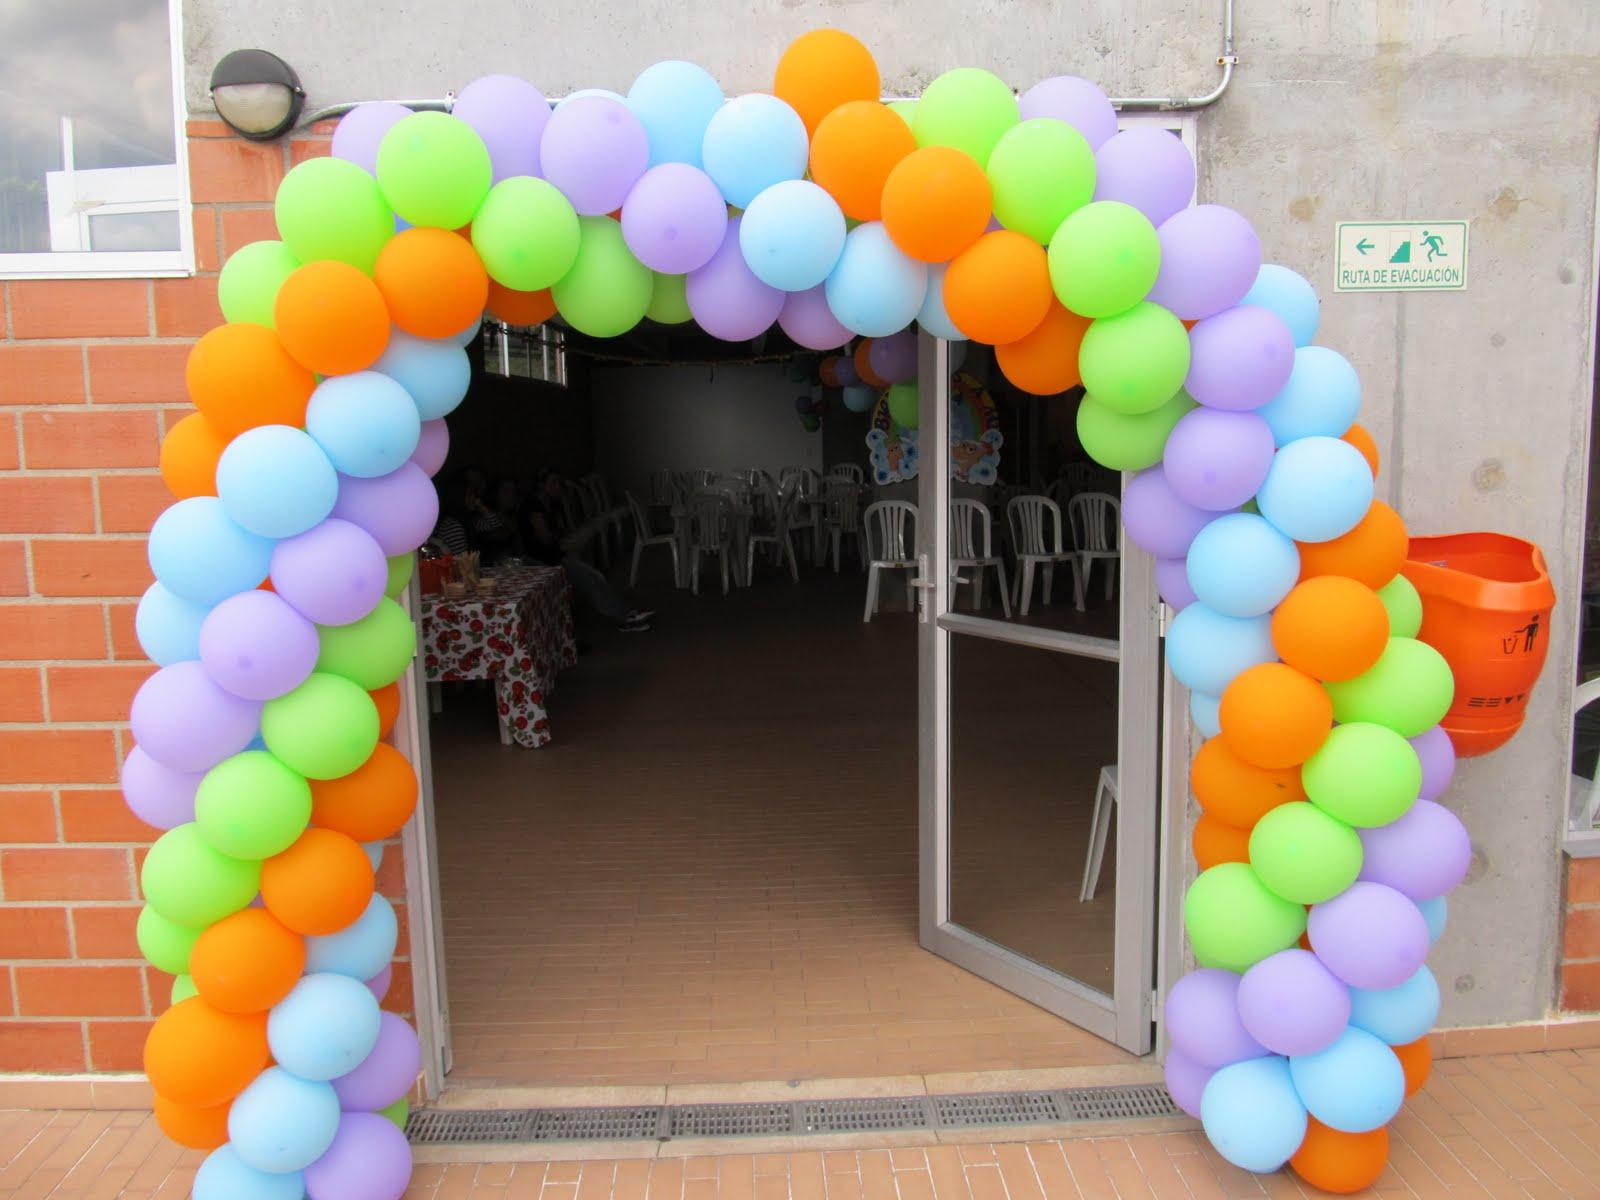 Pz c globos - Decoracion de globos ...